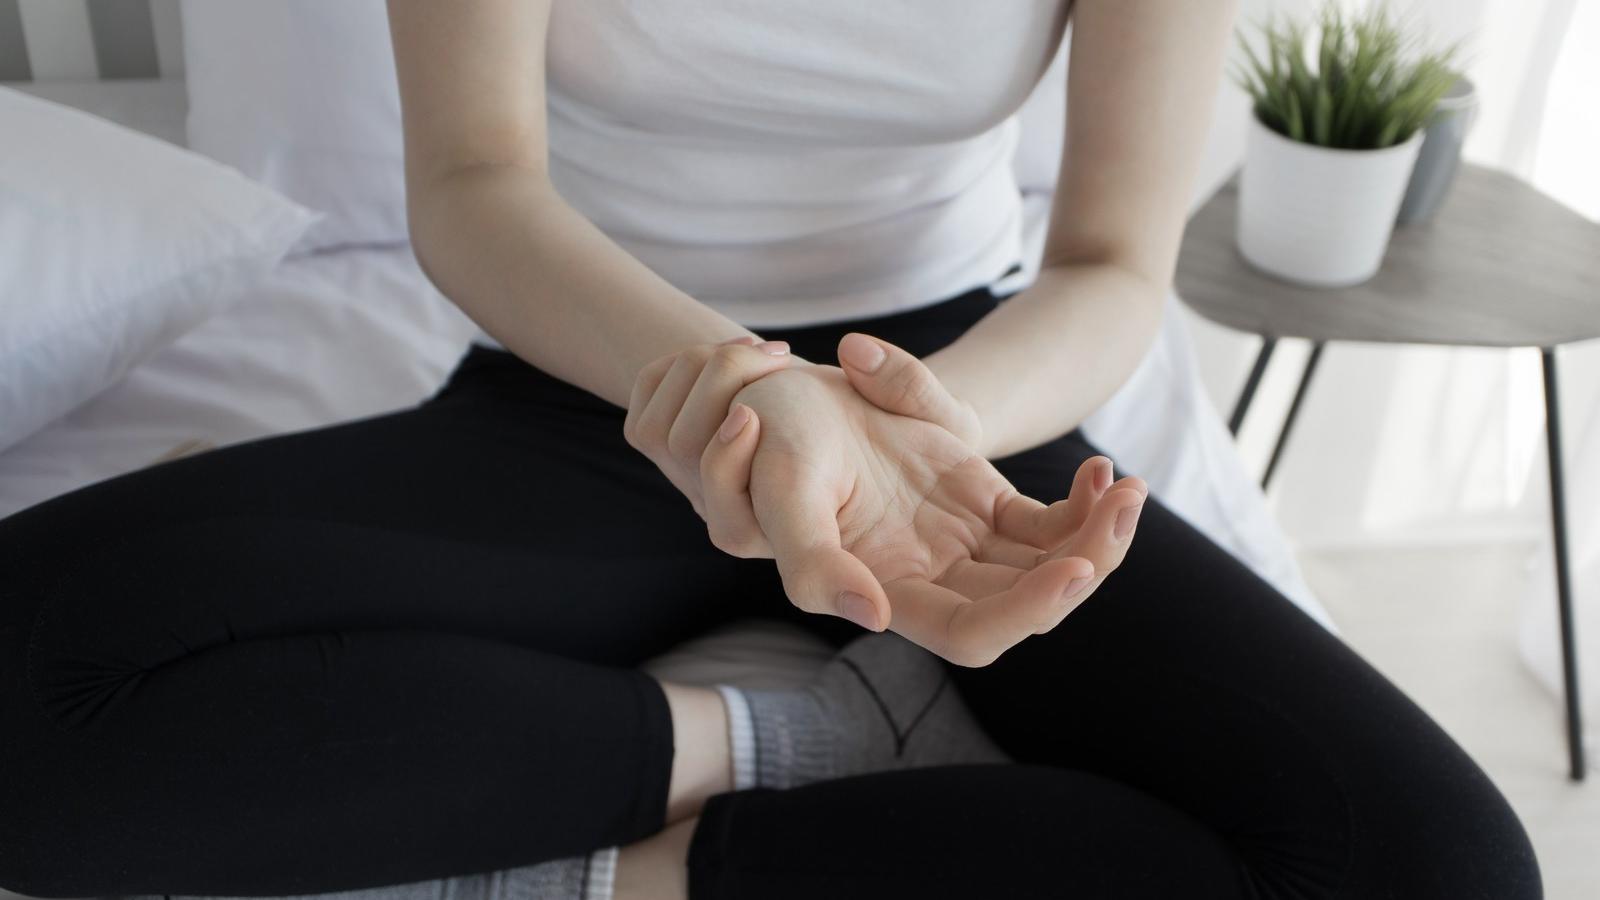 térdízület fáj a hidegtől a vállízületek fájnak mozogva